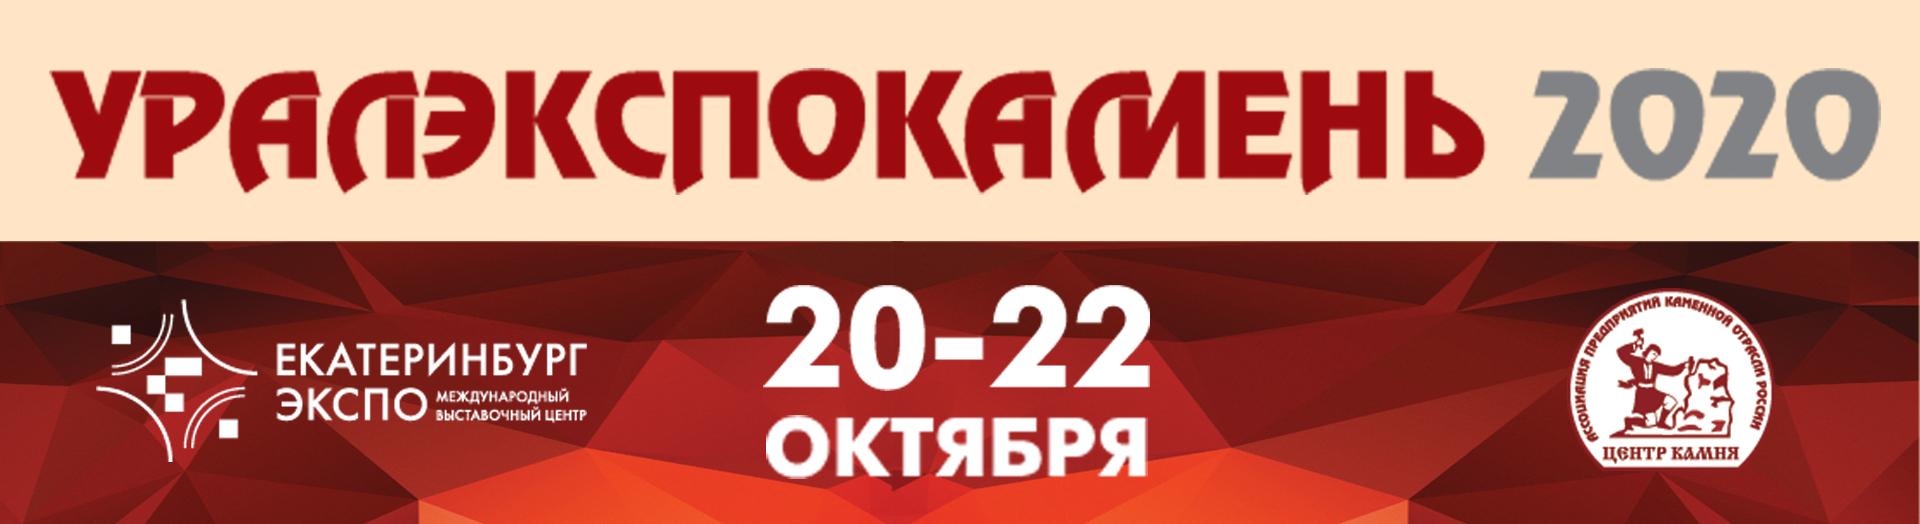 Деловая программа выставки Уралэкспокамень 2020